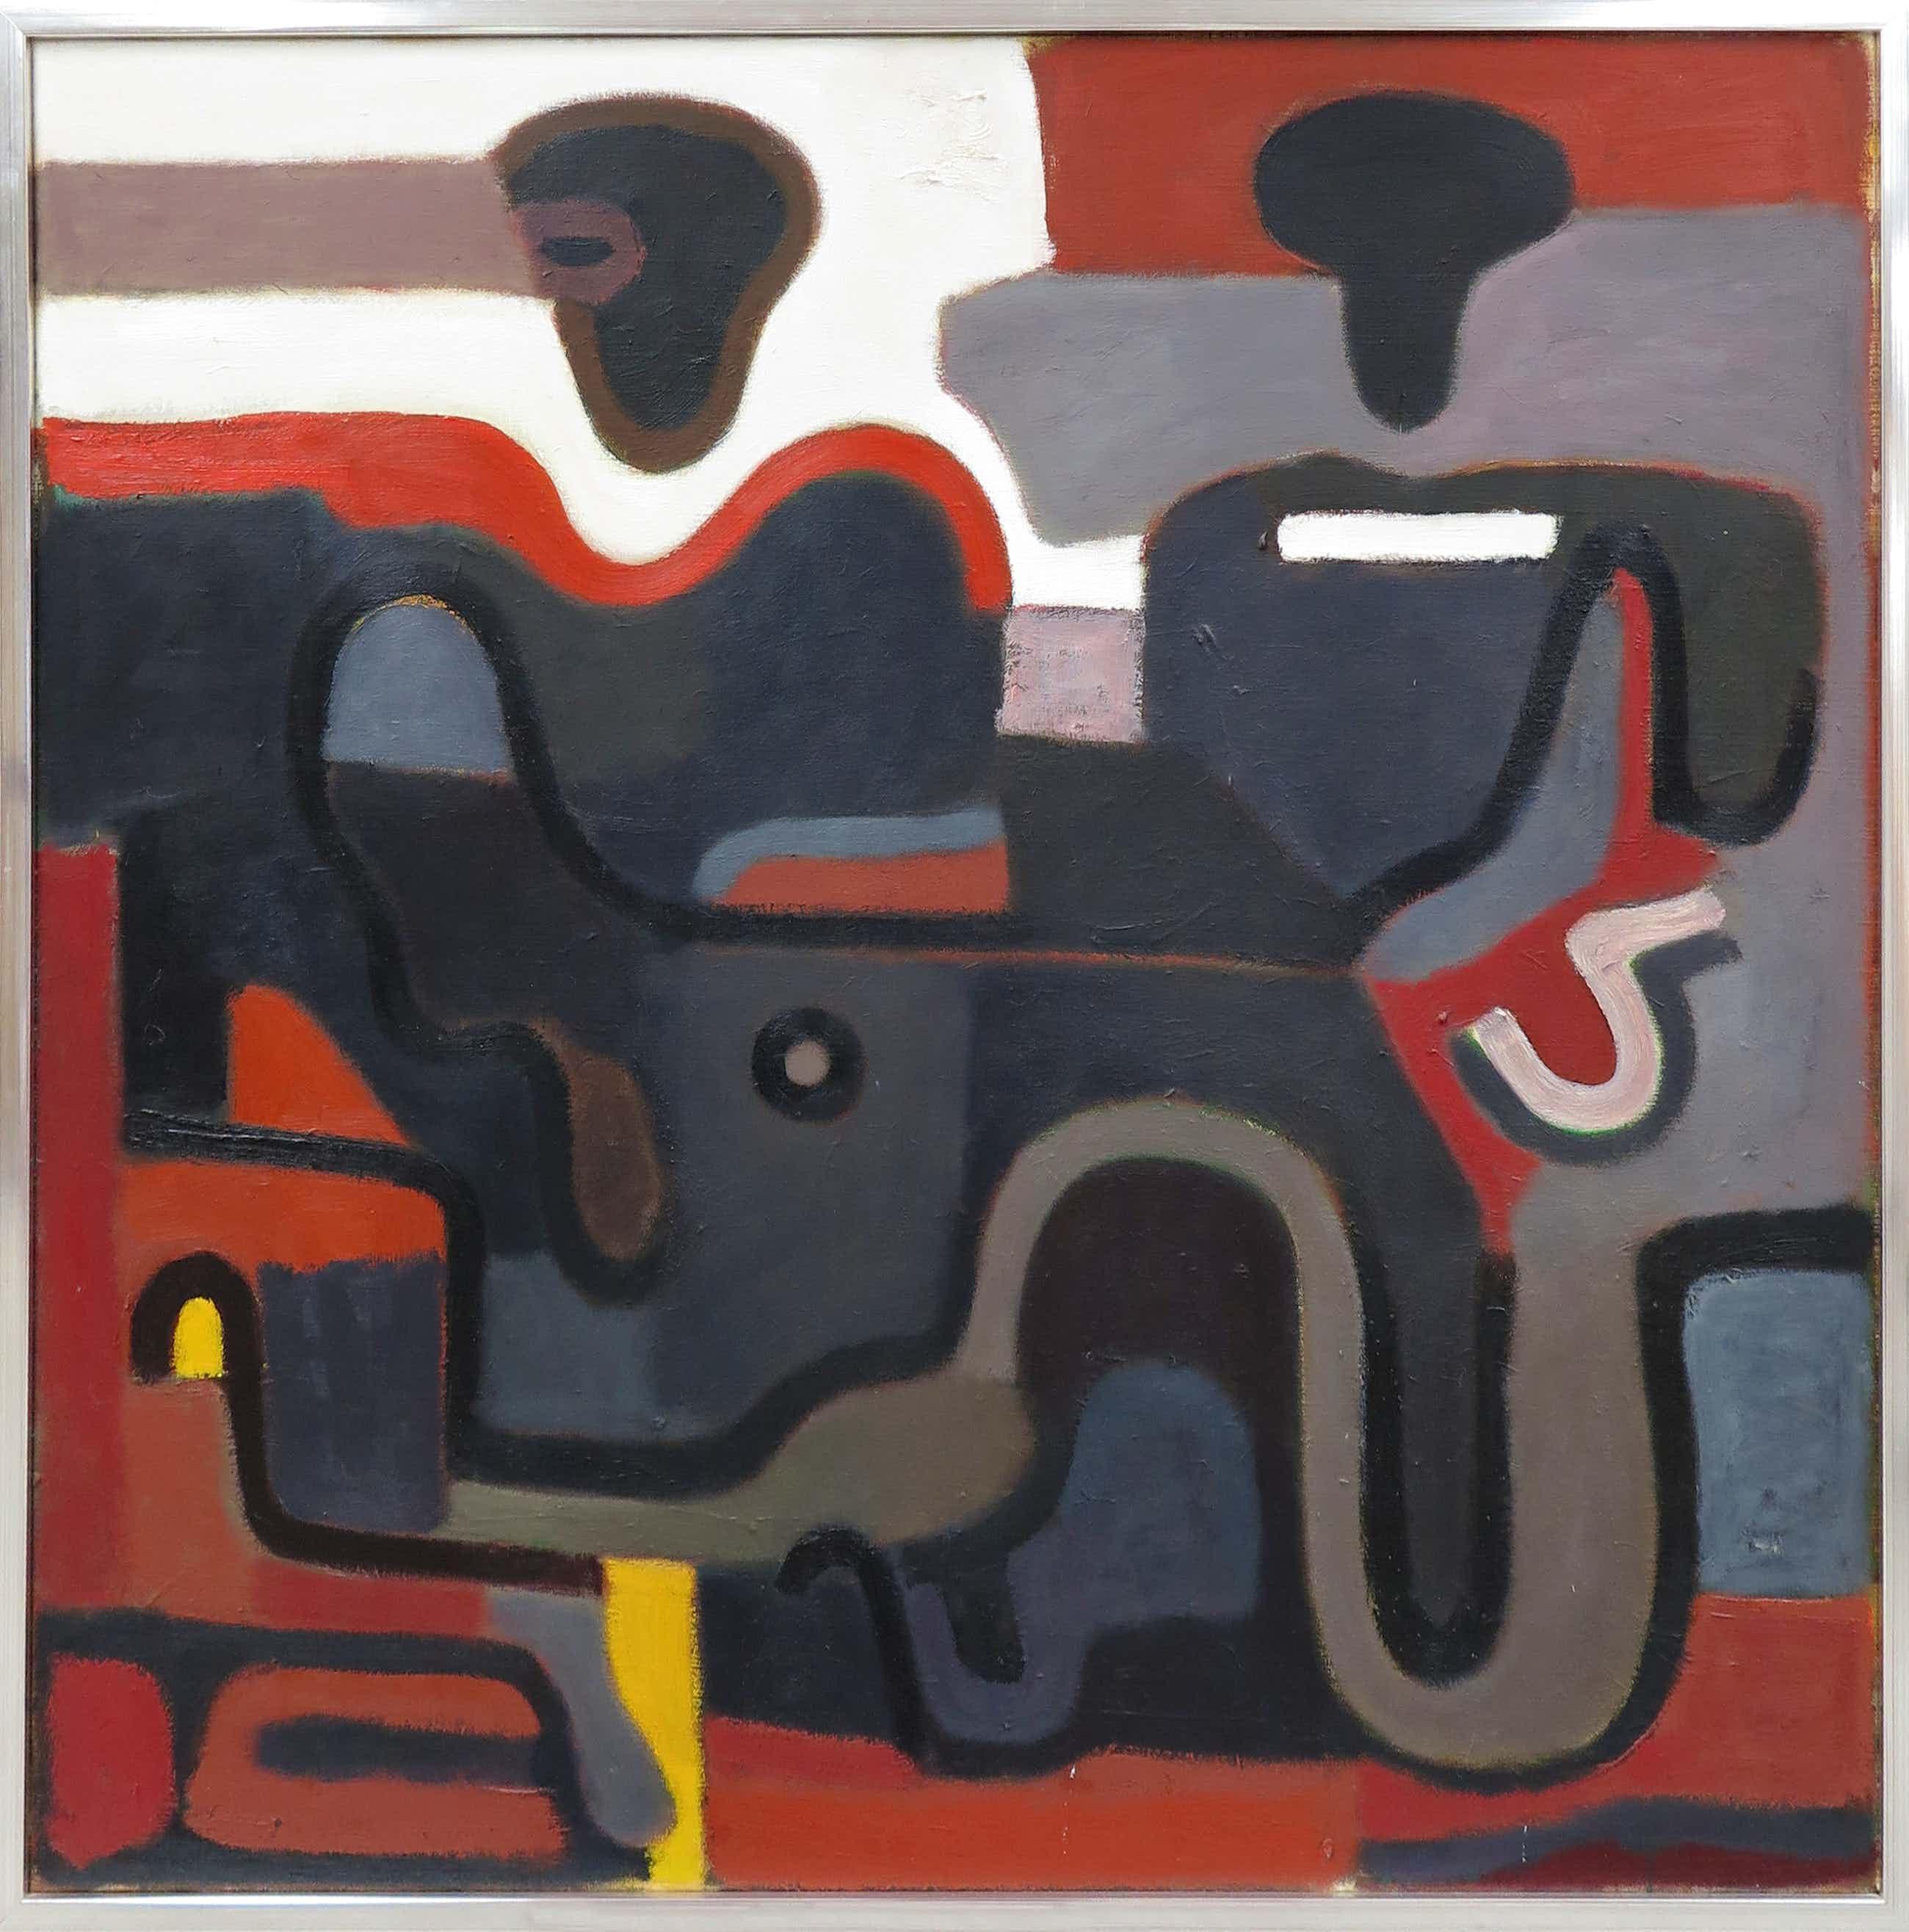 Ed Dukkers - Olieverf op doek, Abstracte compositie met figuren - Ingelijst (Groot) kopen? Bied vanaf 500!